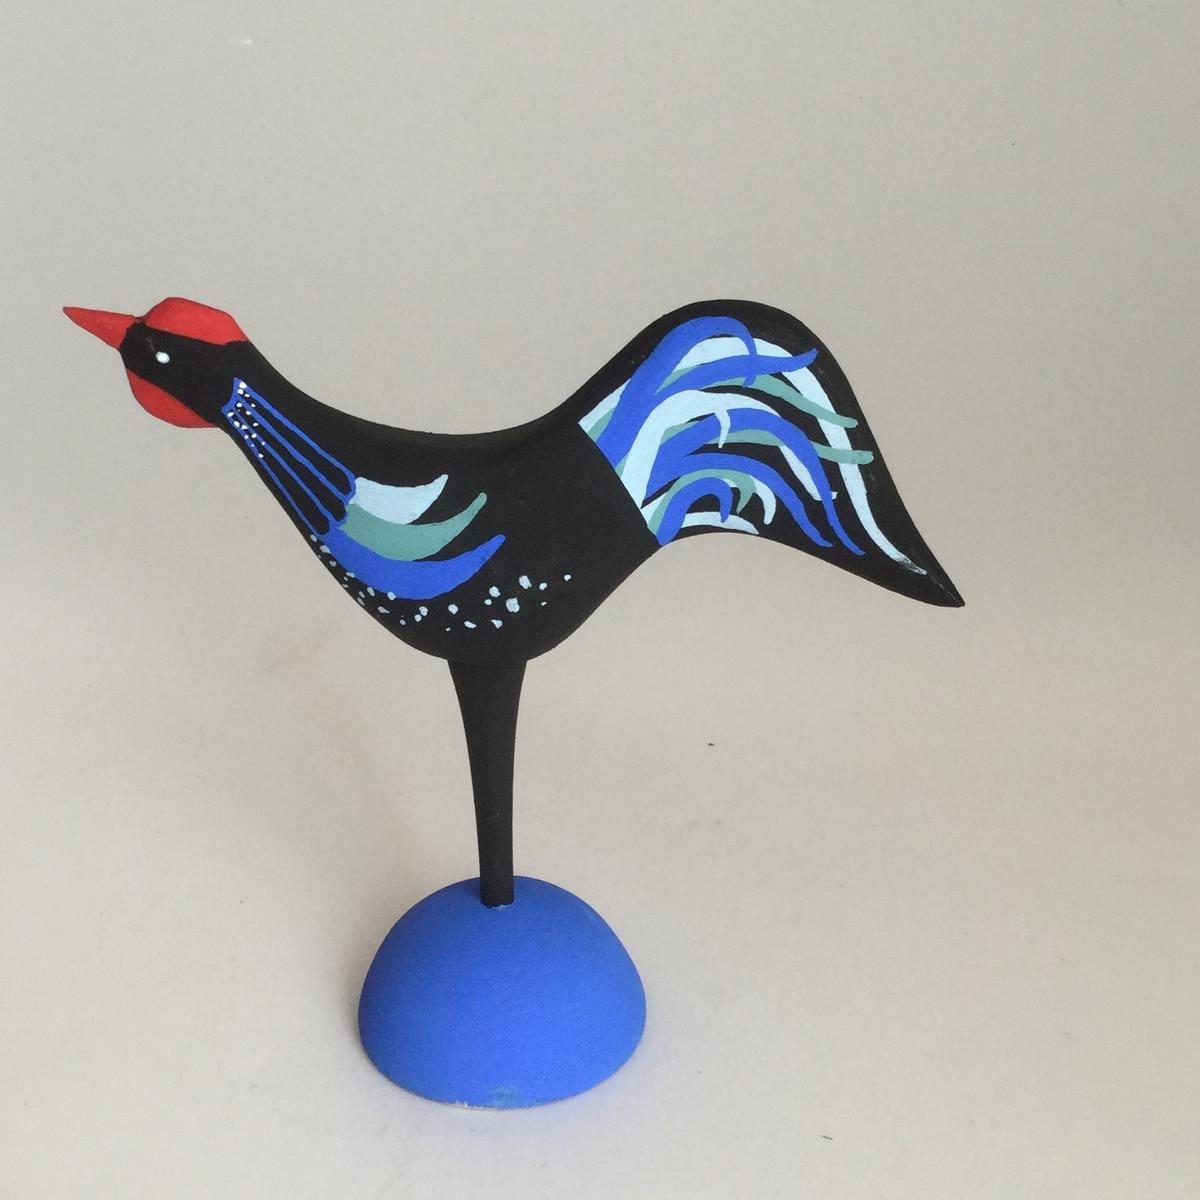 Prydnaden föreställer en tupp.Tuppen är täljd men har en fot som är svarvad.Foten är blå, kroppen är svart i grundfärgen med blå dekoration på. Näbb och kam i rött.Höjden är 120 och bredden är 115 mm.